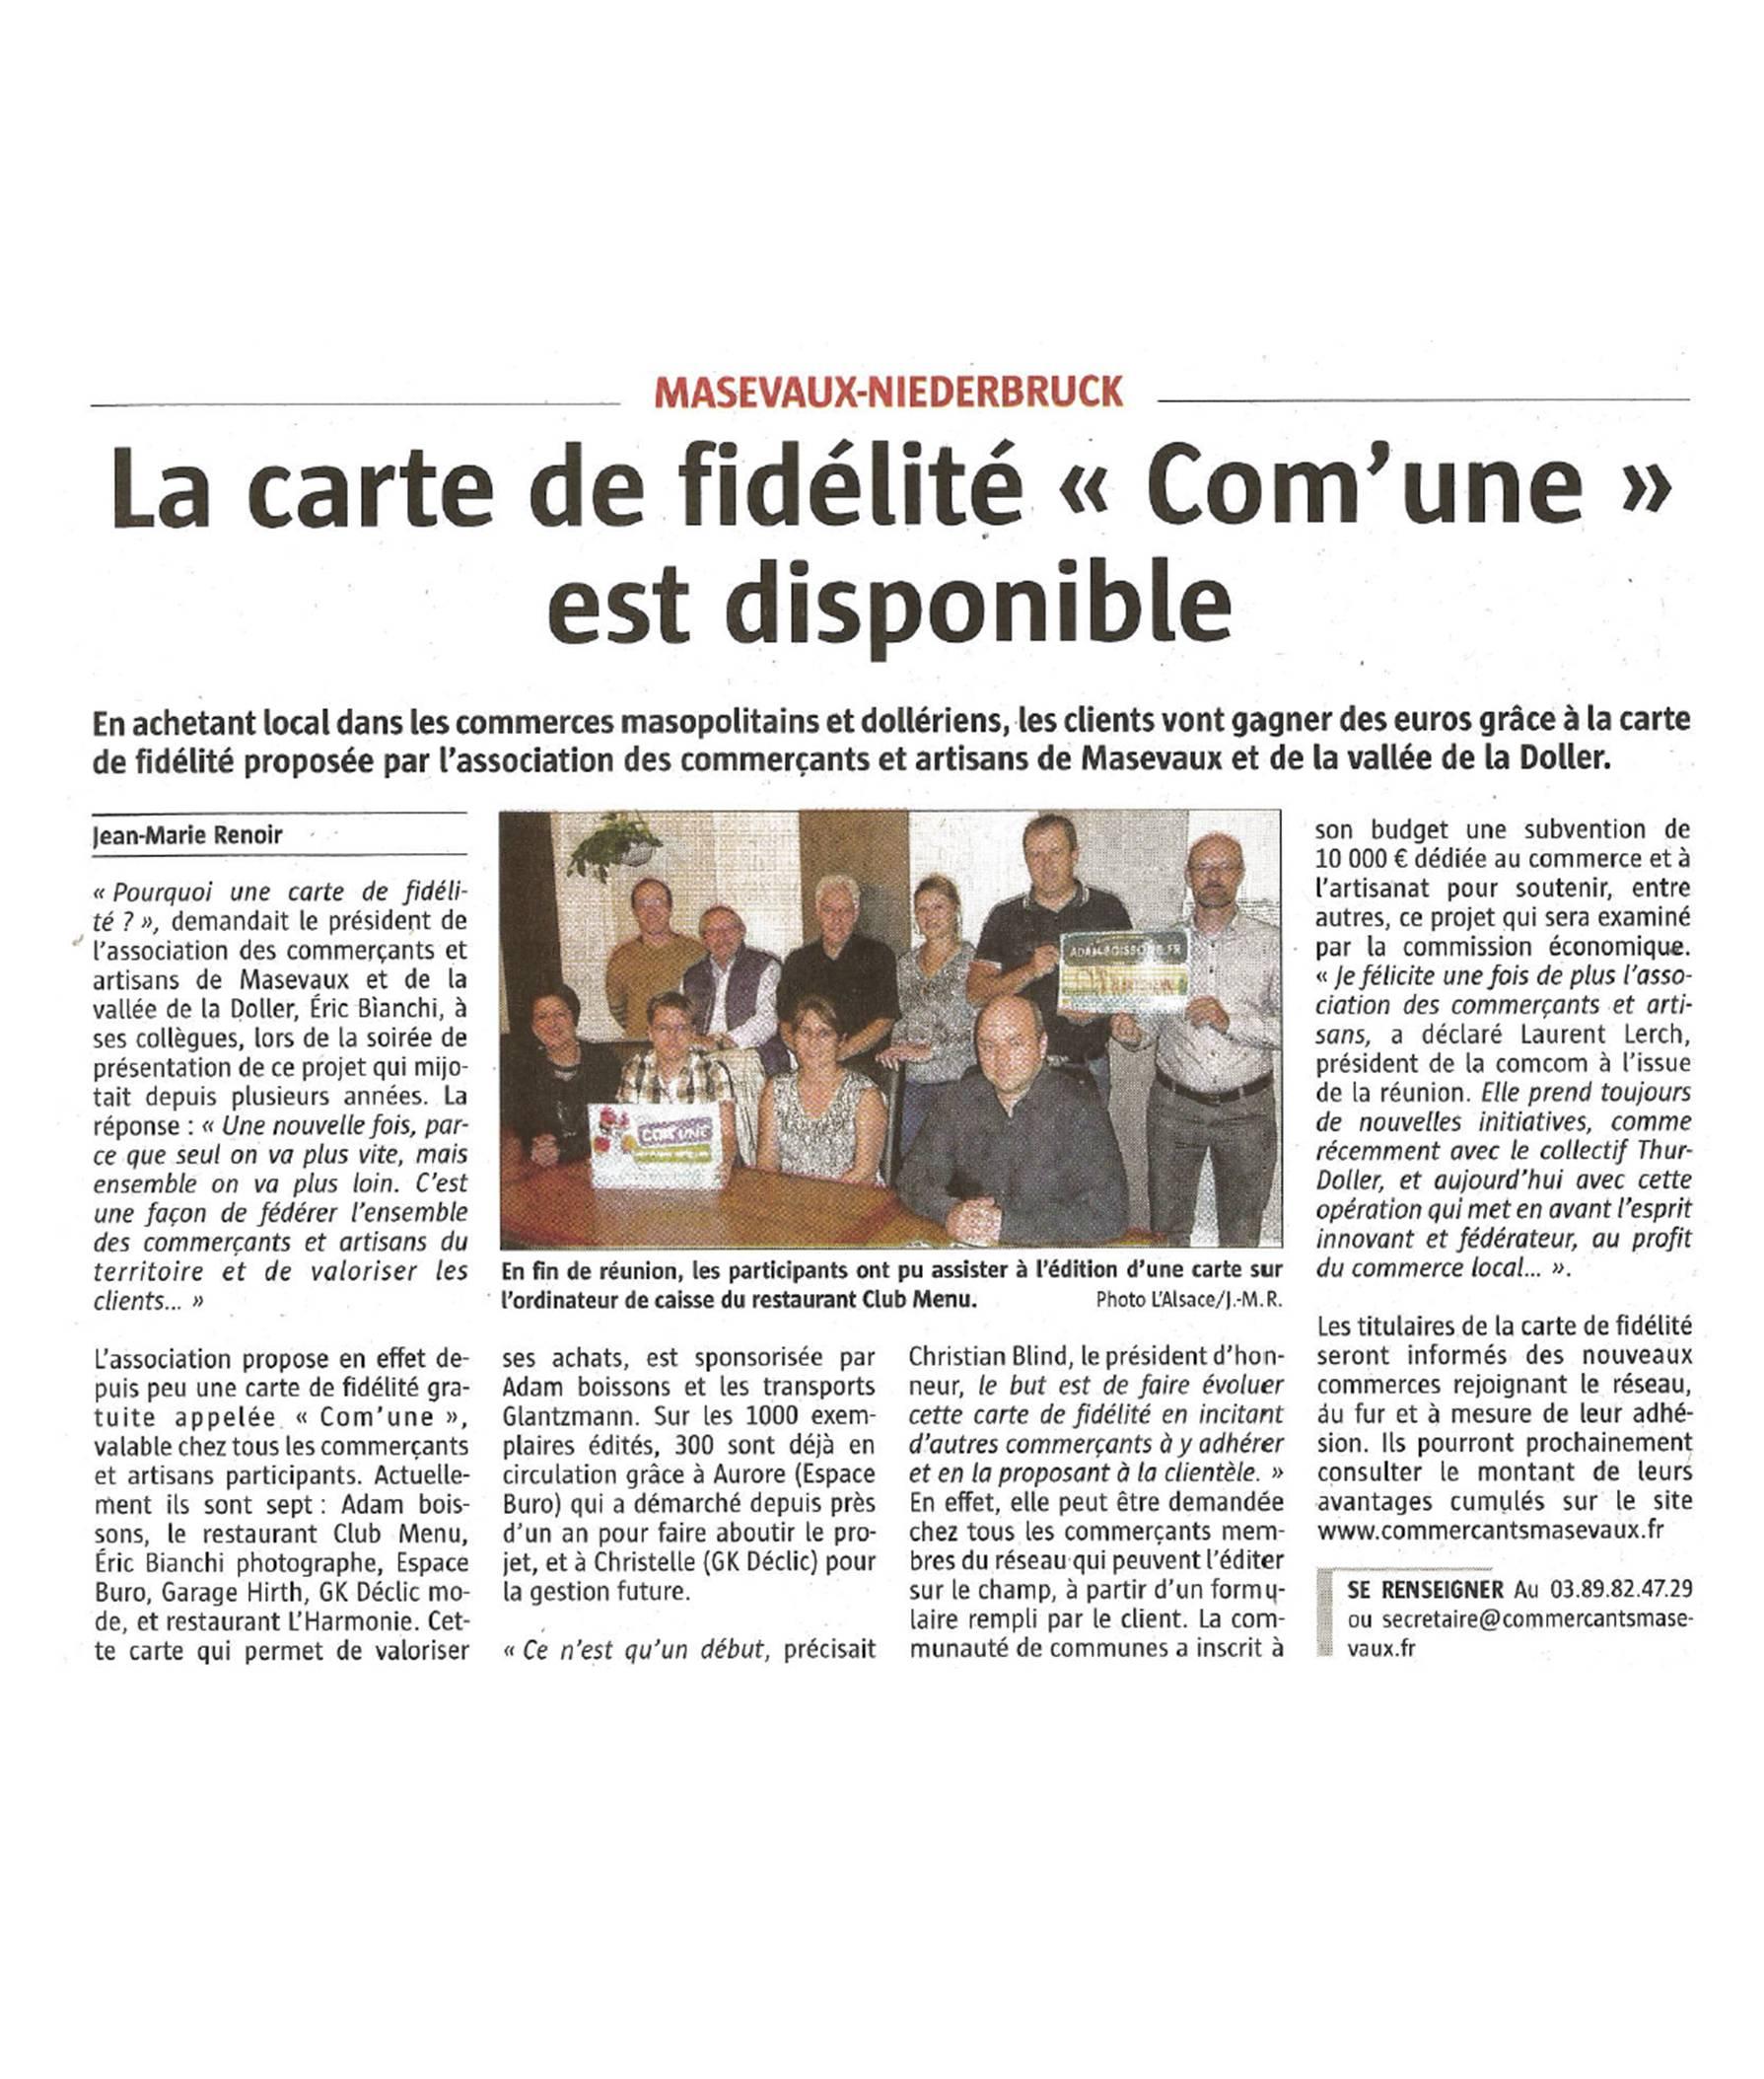 La carte de fidélité Comm'une est disponible - L'Alsace - 30-09-2016